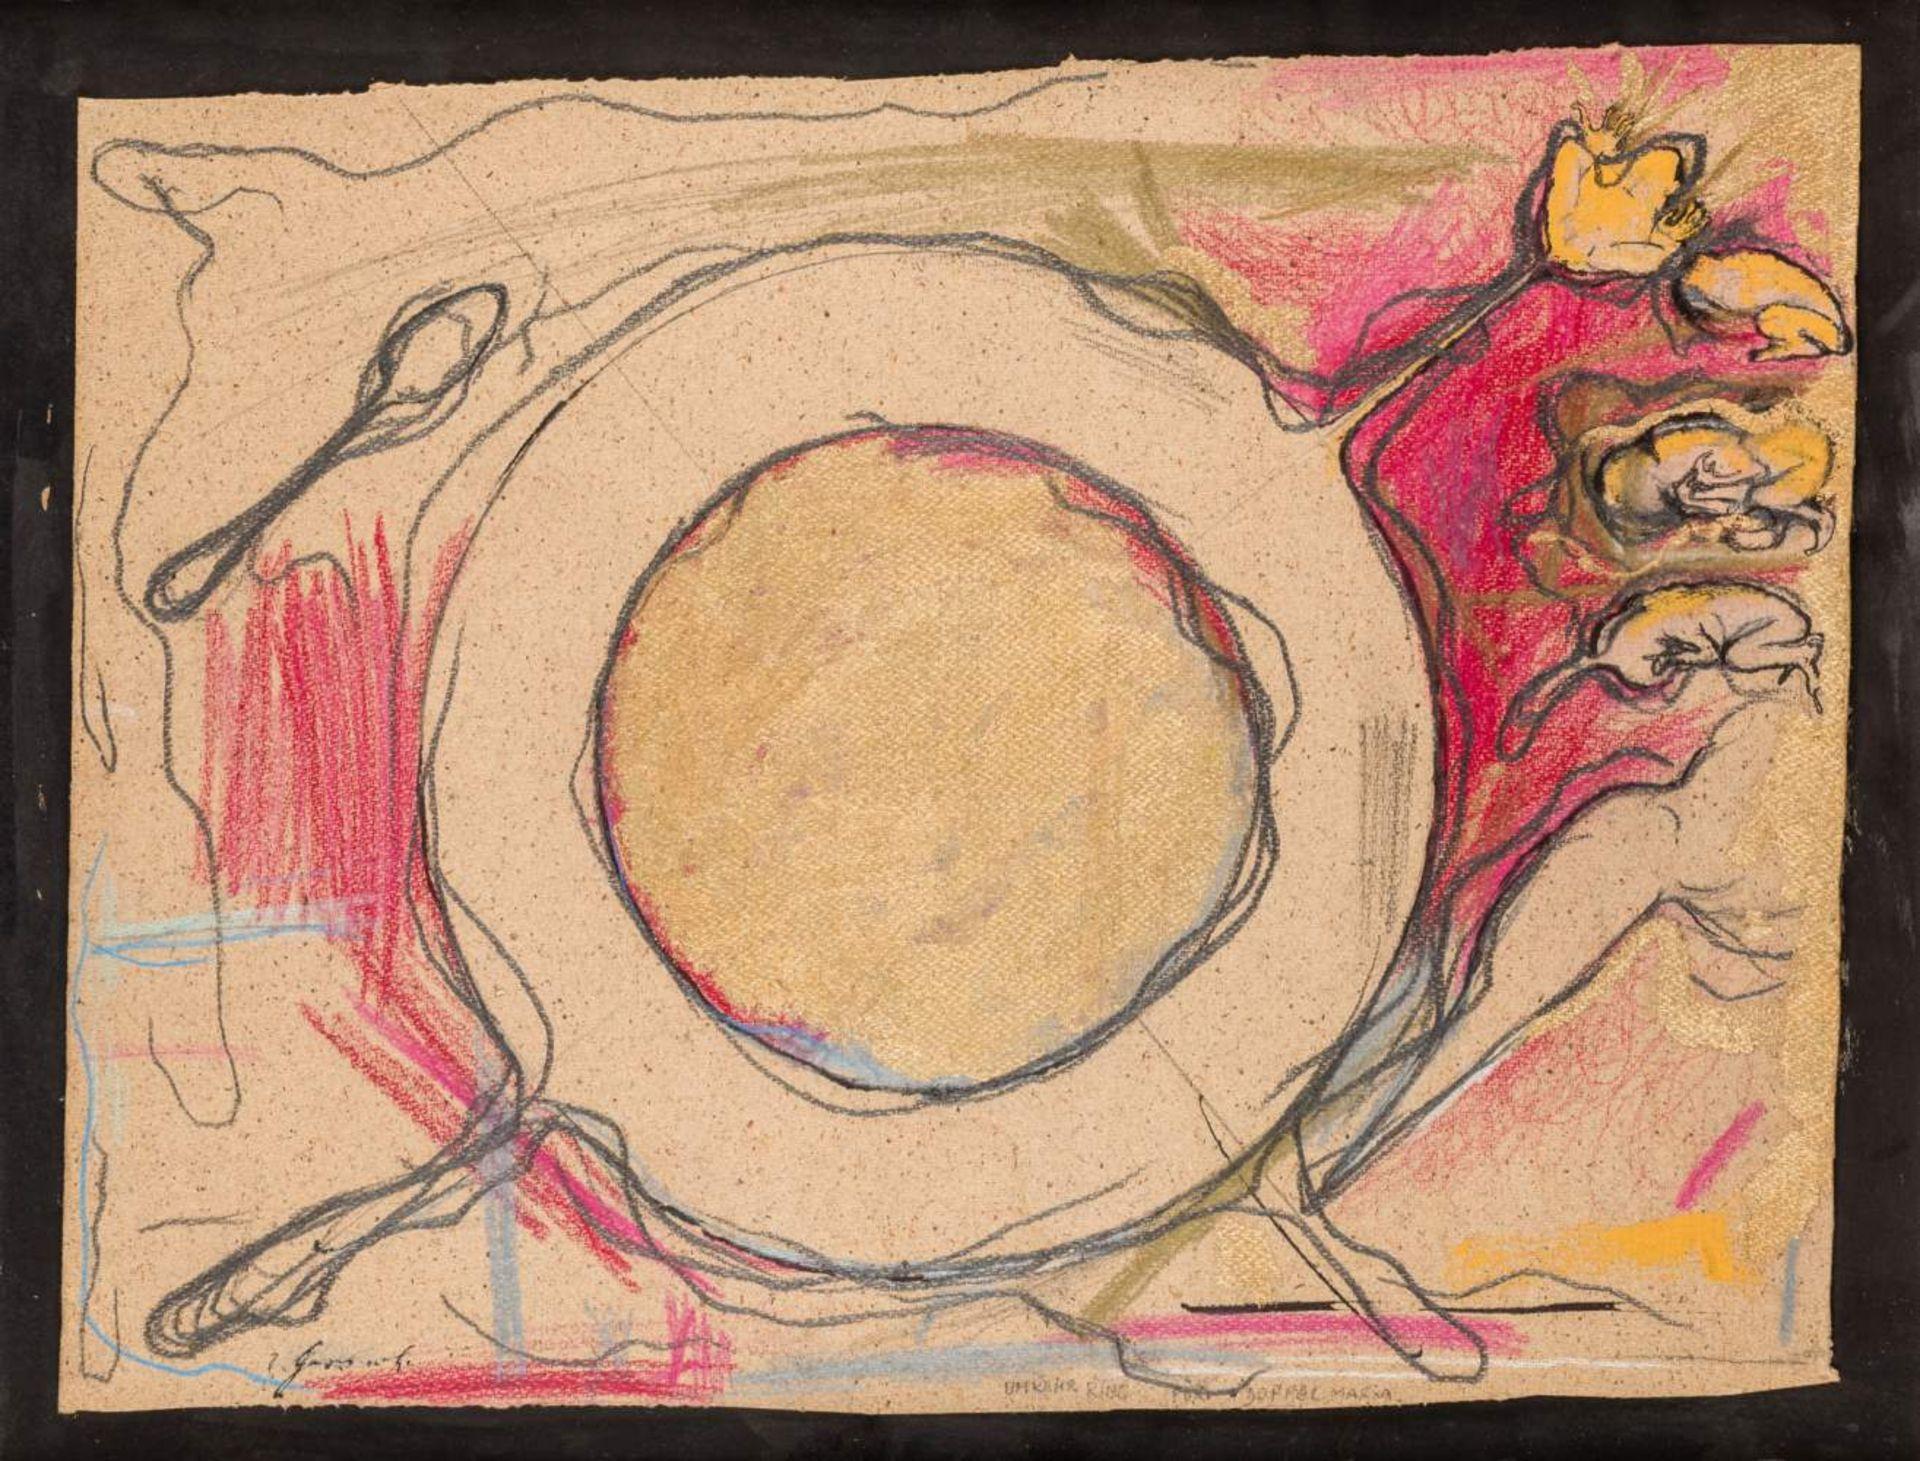 Bruno Gironcoli (Villach 1936 - 2010 Wien)  Umkehr Ring für Doppel Maria Mischtechnik auf Papier auf